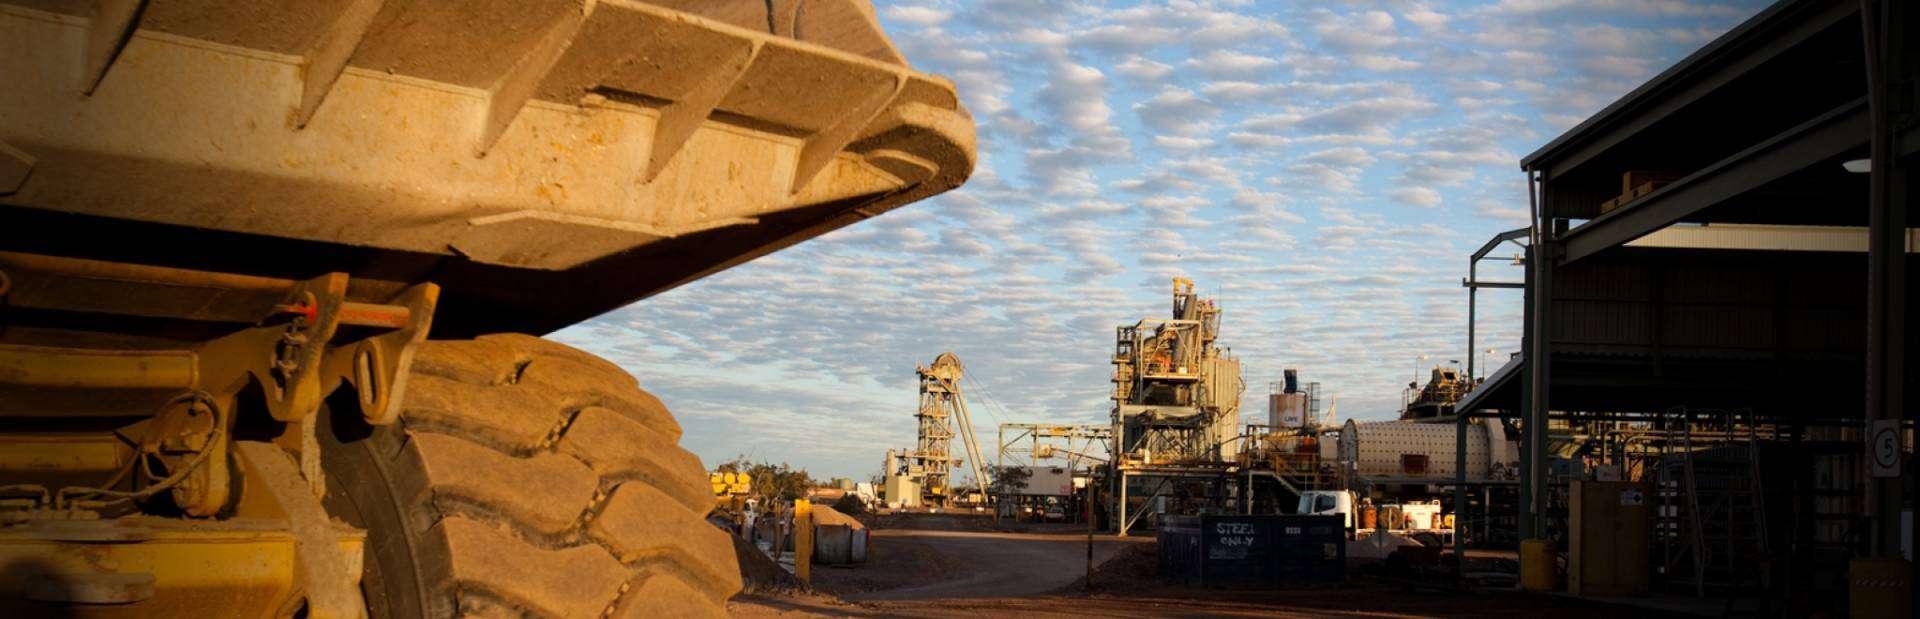 Underground Development Mining